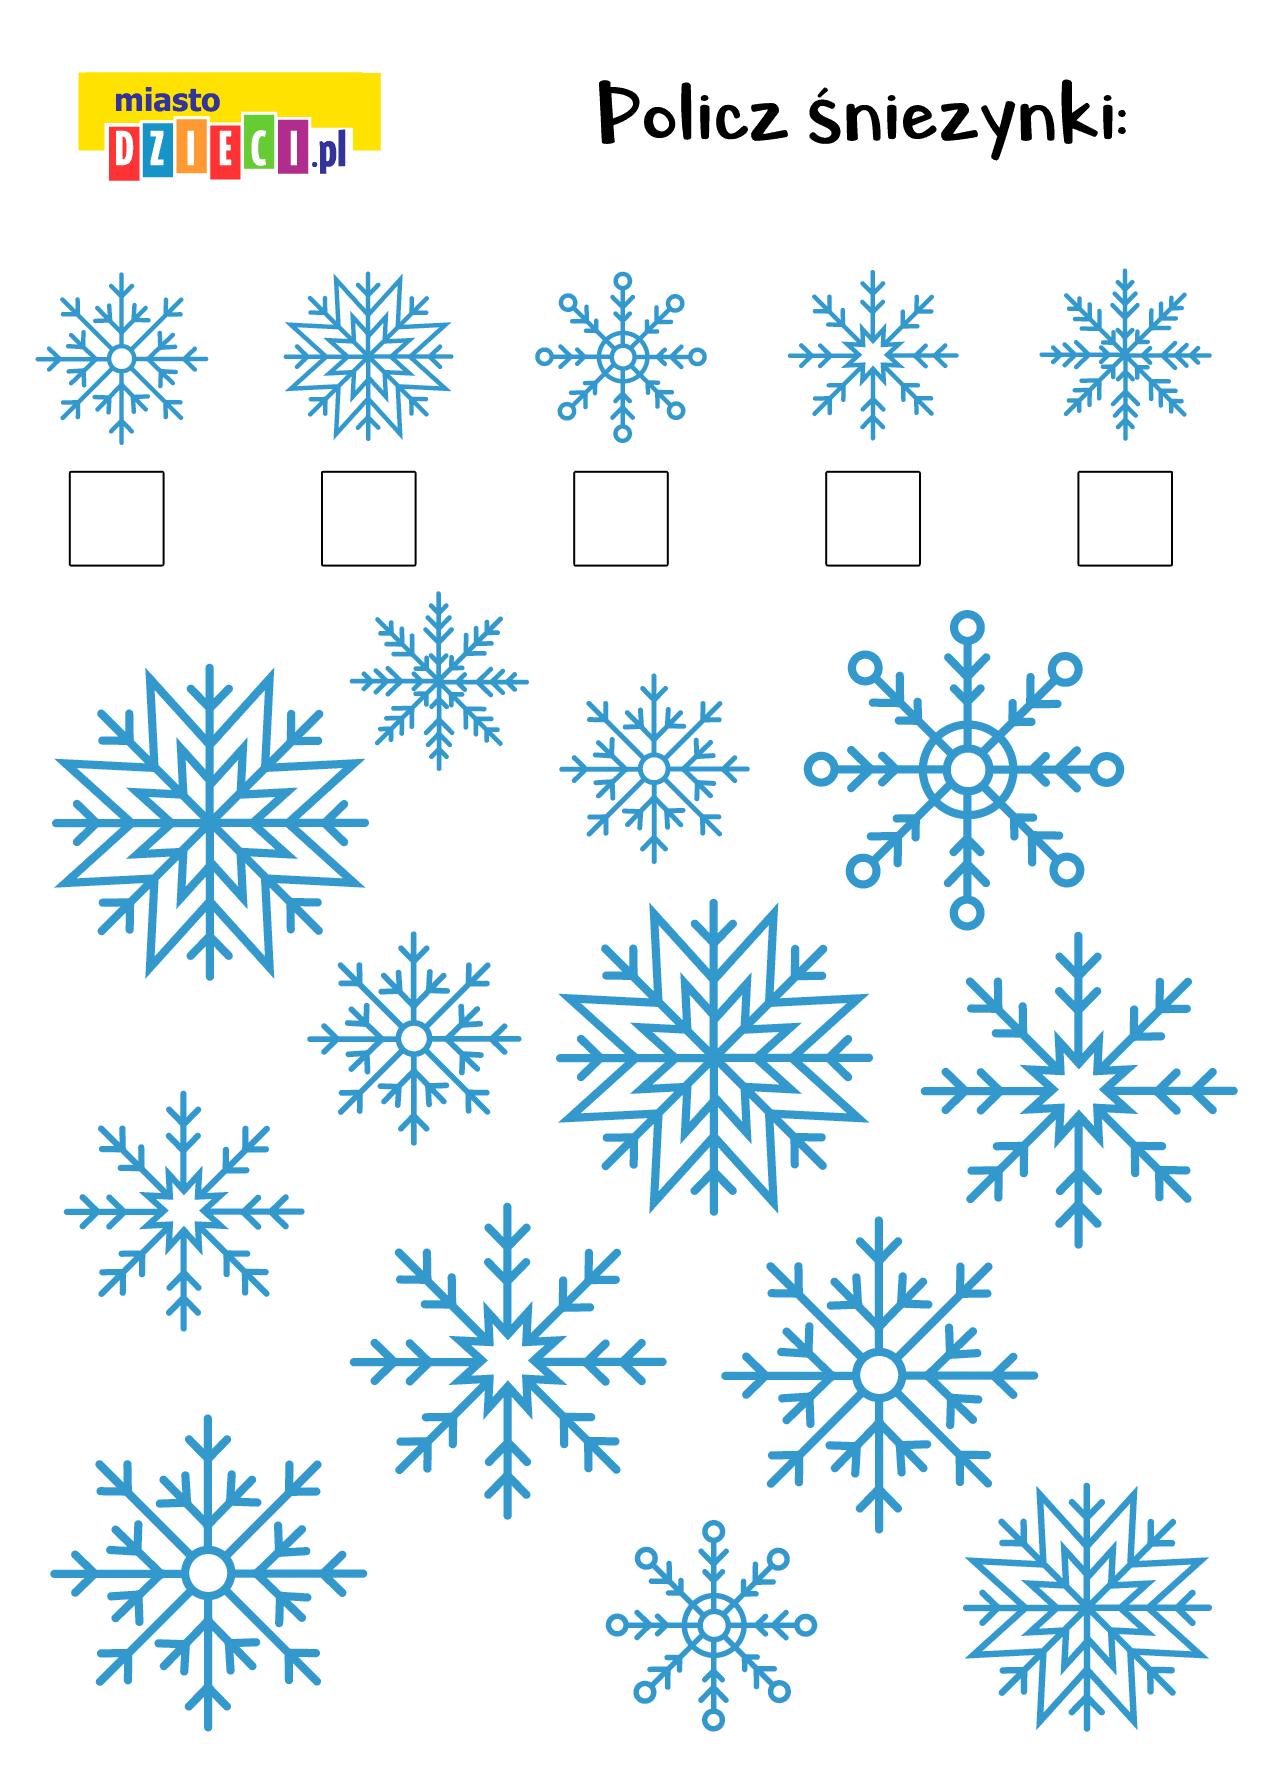 Policz śnieżynki zagadki matematyczne dla dzieci do wydruku